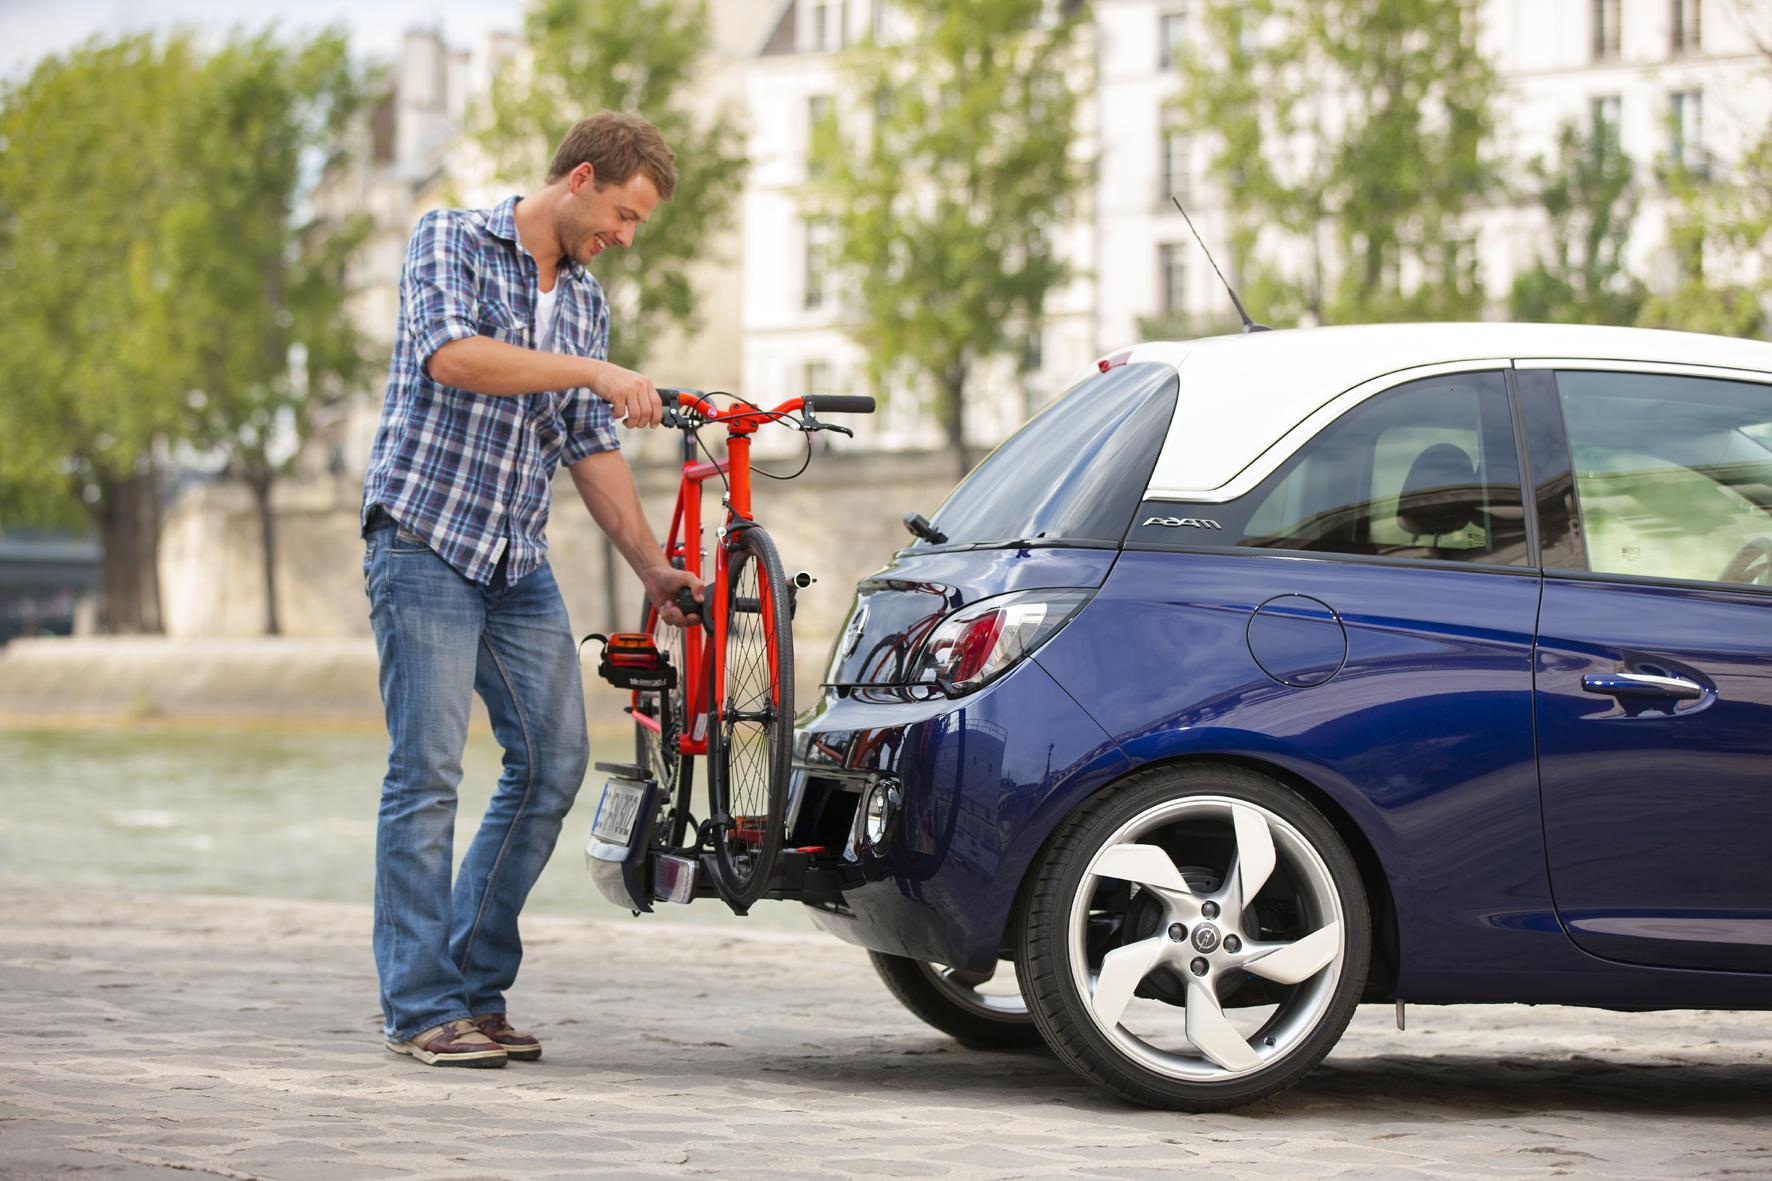 mid Düsseldorf - Komfortabel ist der Radtransport am Autoheck. Besonders einfach wird der Transport, wenn die Halterung bereits wie bei Opel Adam im Stoßfänger integriert ist.